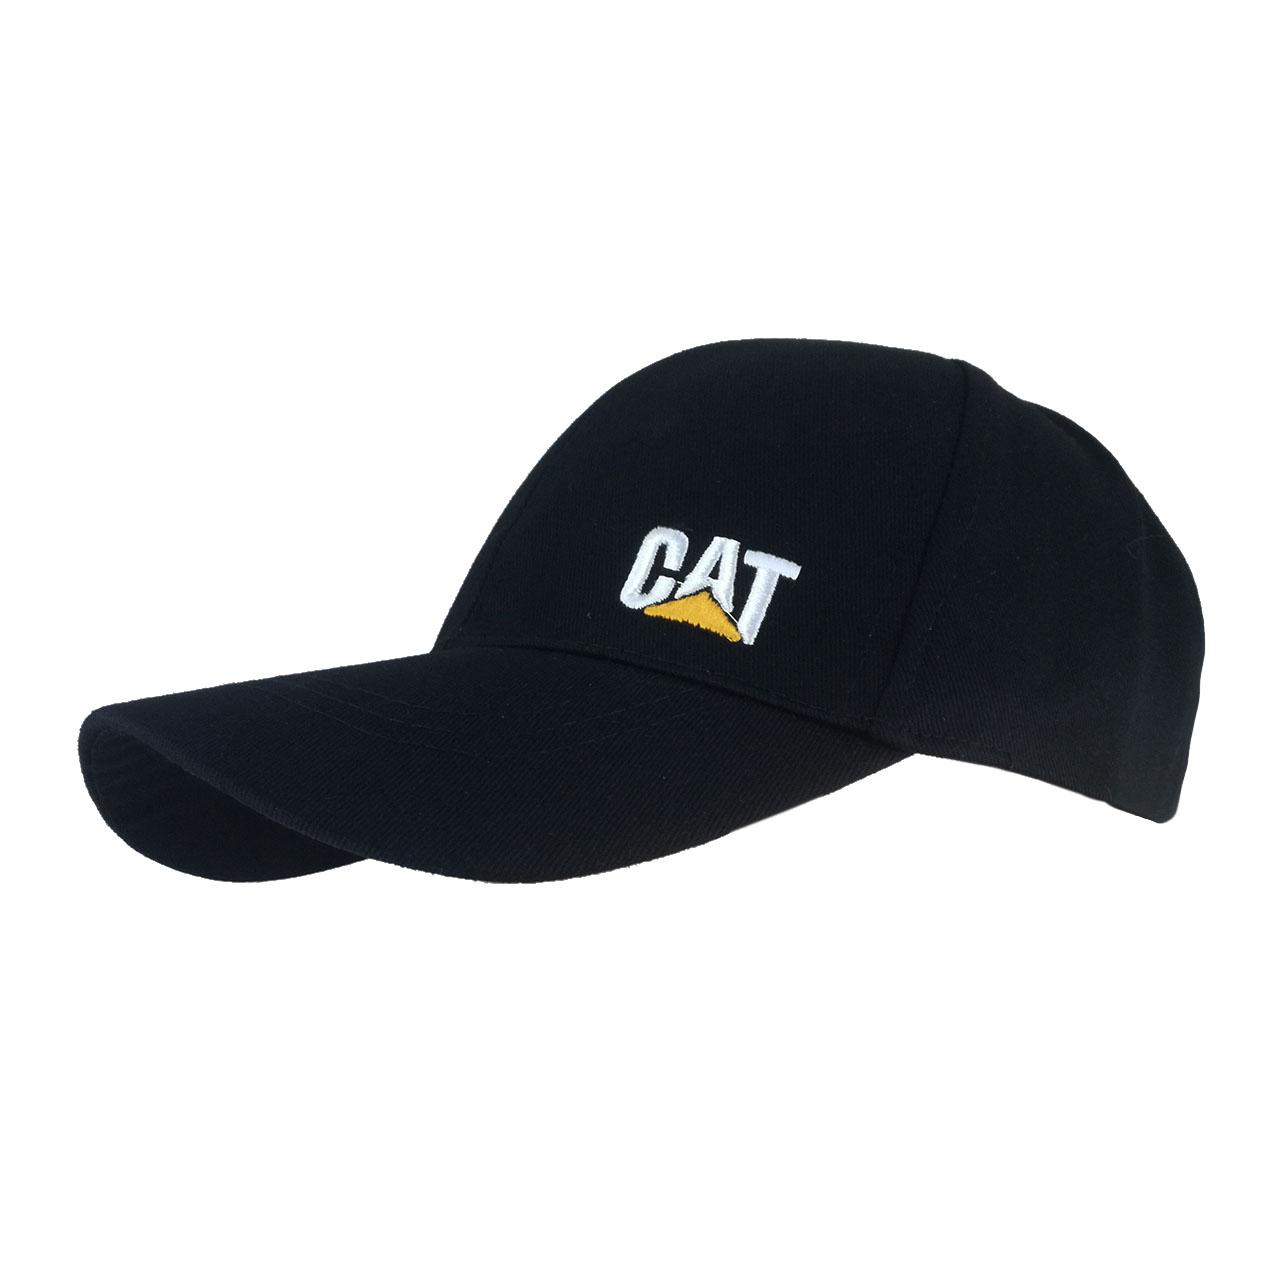 کلاه کپ کد MN98